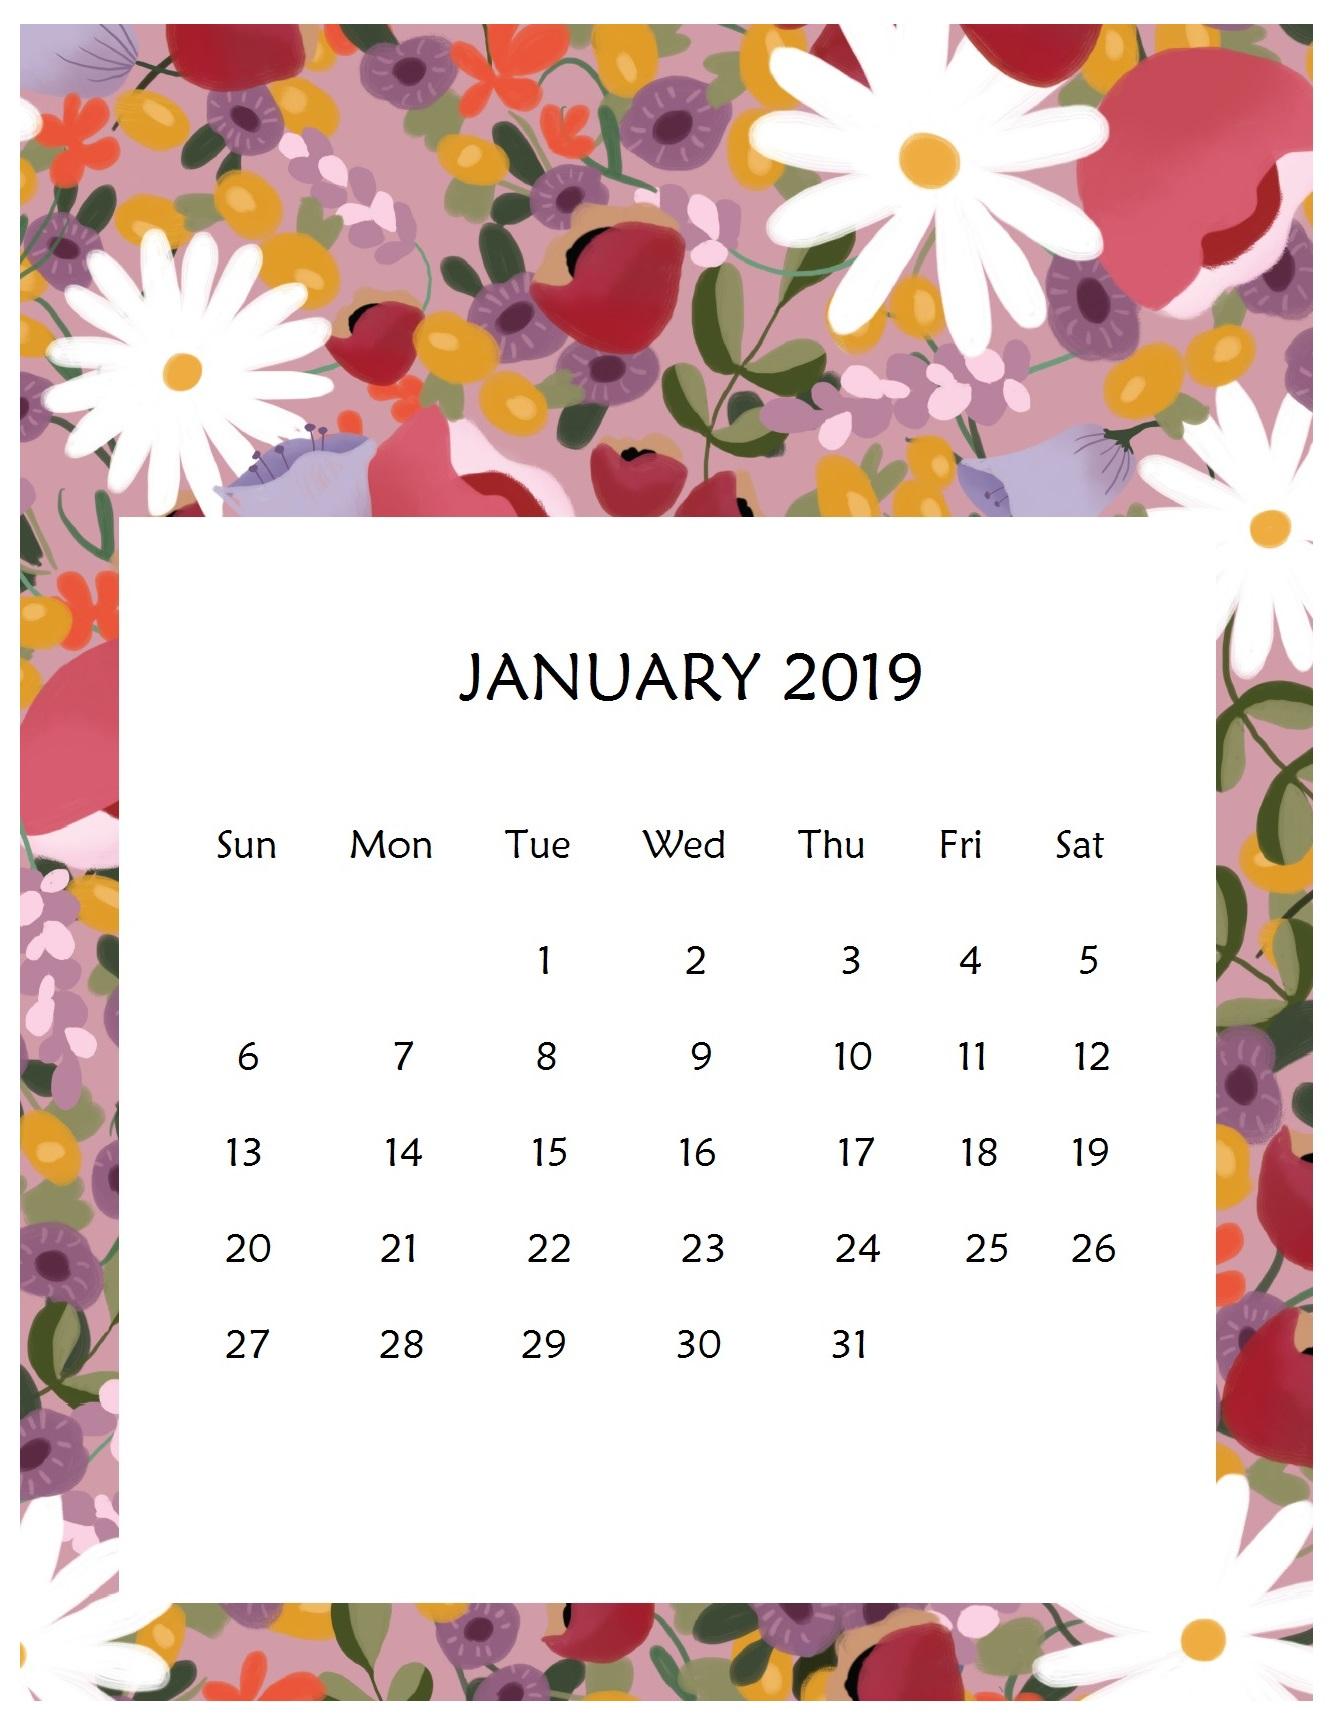 Print Beautiful January 2019 Calendar Template